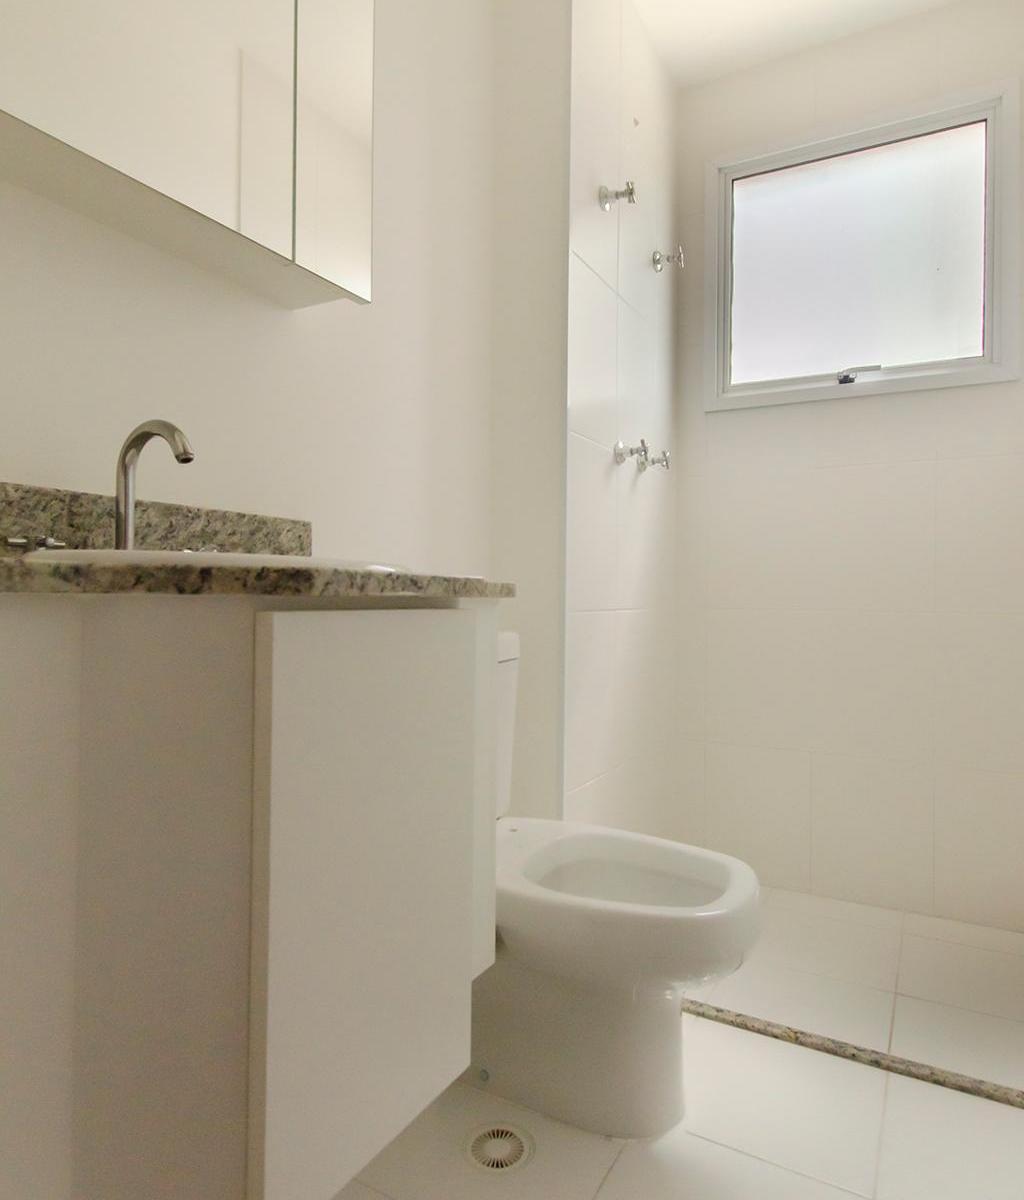 Apartamento para aluguel com 2 Quartos Alphaville Barueri R$ 2.300  #453824 1024x1200 Aviso Banheiro Em Manutenção